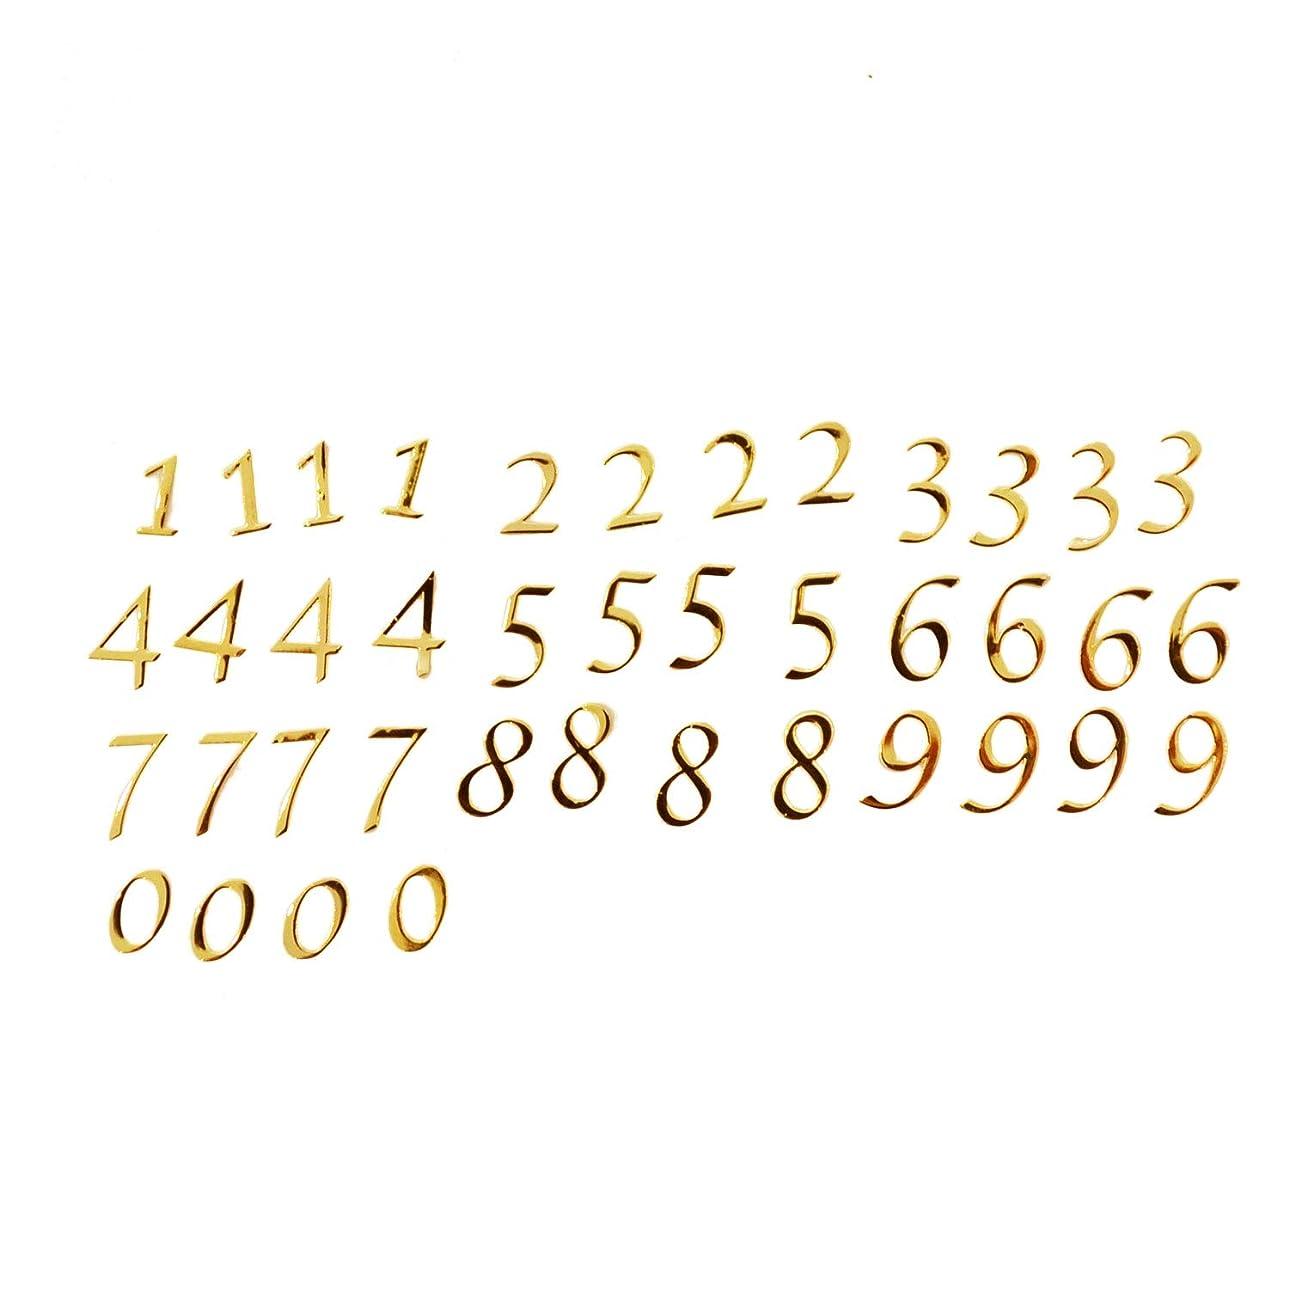 拡声器哲学的目立つ数字のメタルパーツ0から9まで4枚ずつ、合計40枚セット